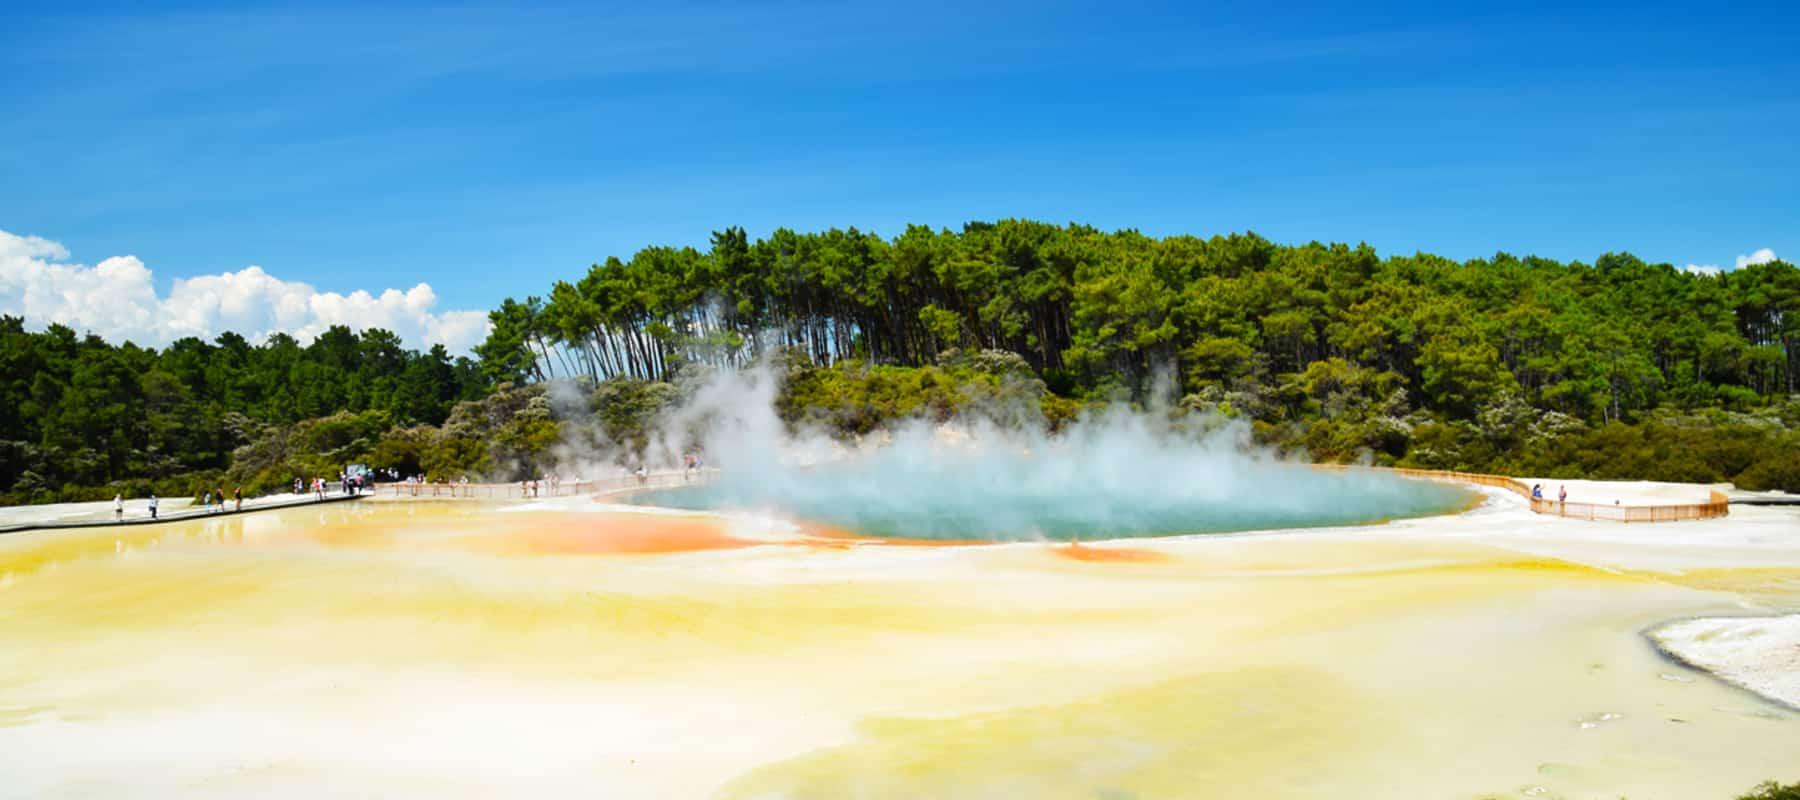 Wai o Tapu et Rotorua: vive la géothermie!